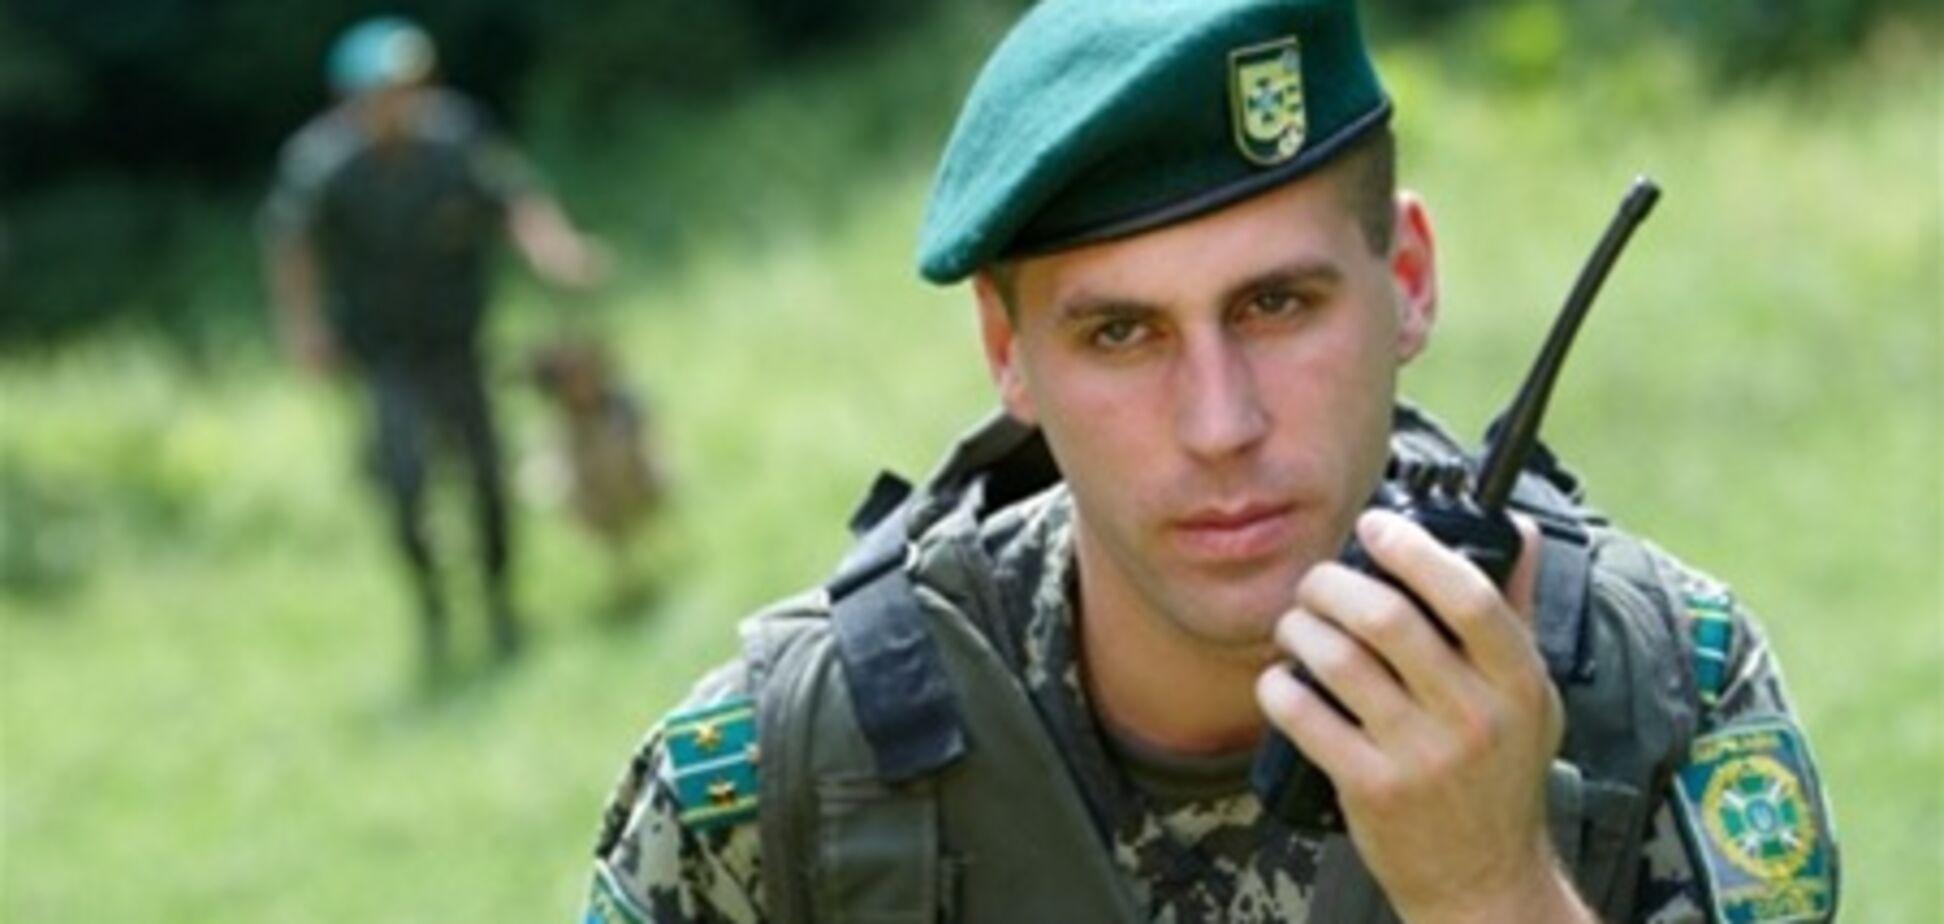 На Одещині прикордонники затримали дезертира-молдаванина